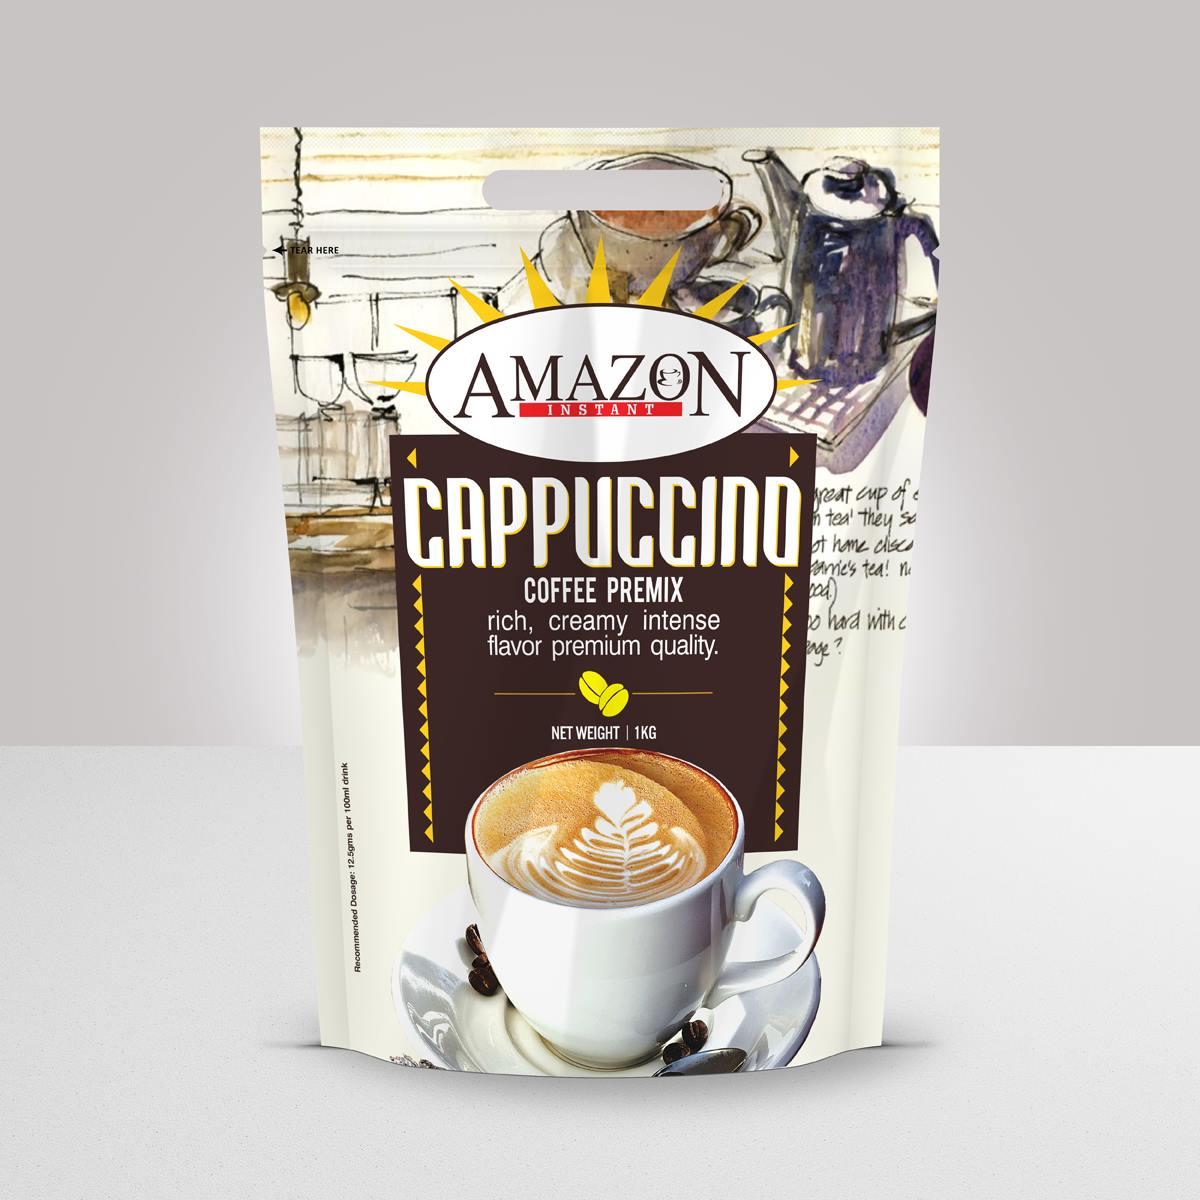 amazon_instant_cappuccino_premix-3